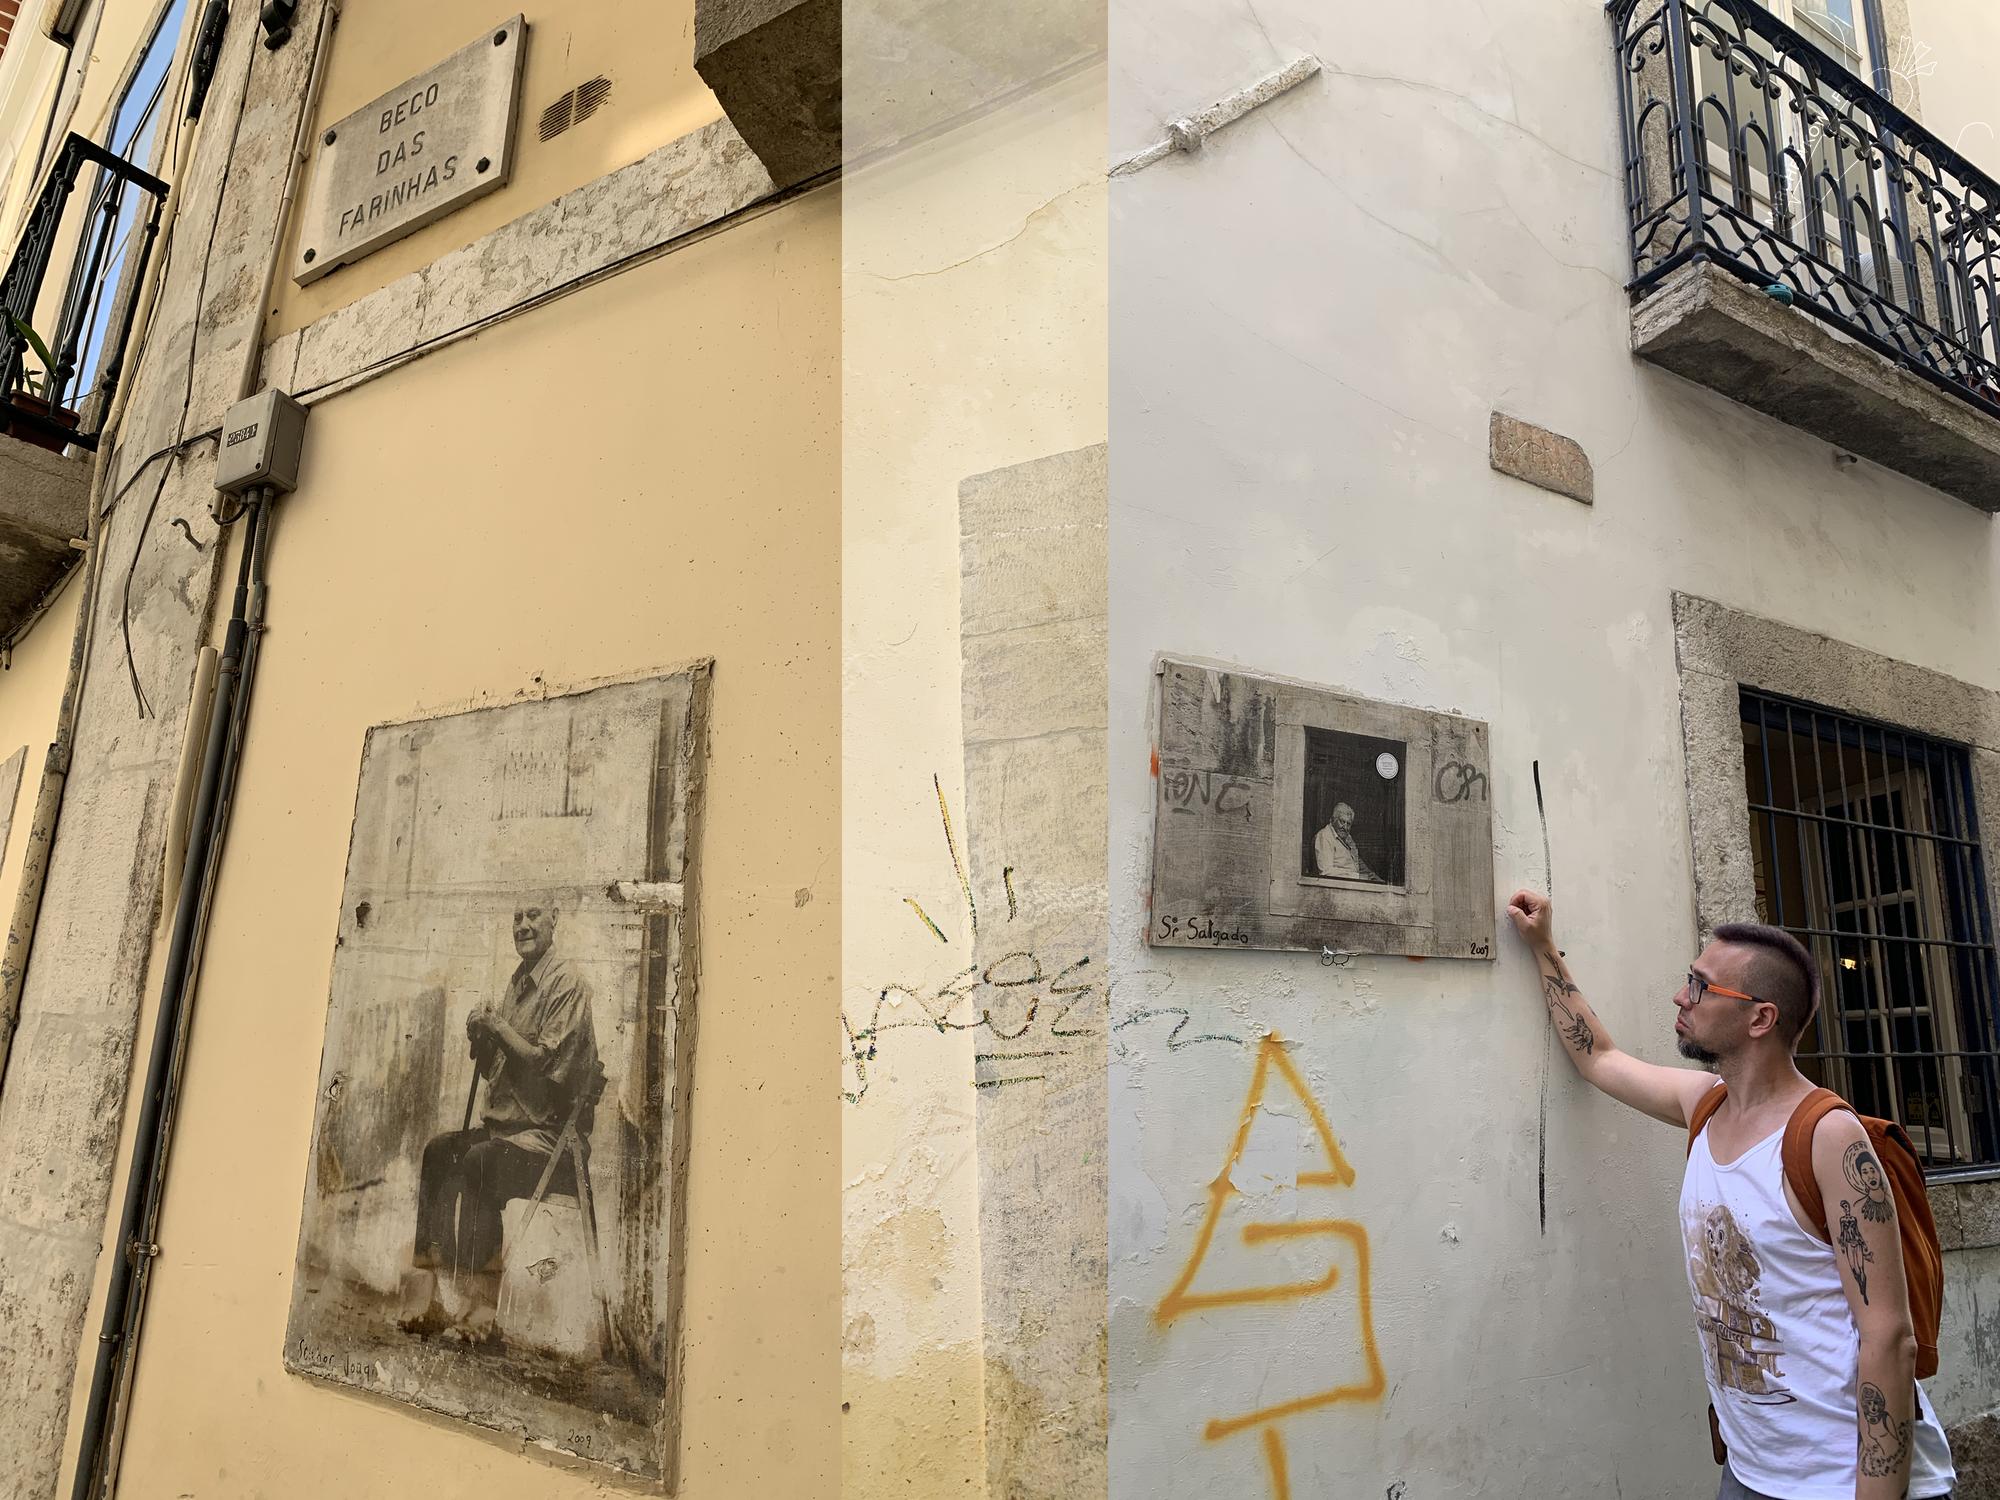 marchewkowa, blog, podróże, urlop, wakacje, Portugalia, Lizbona, Mouraria, fado, travel, Lisboa, Beco das Farinhas